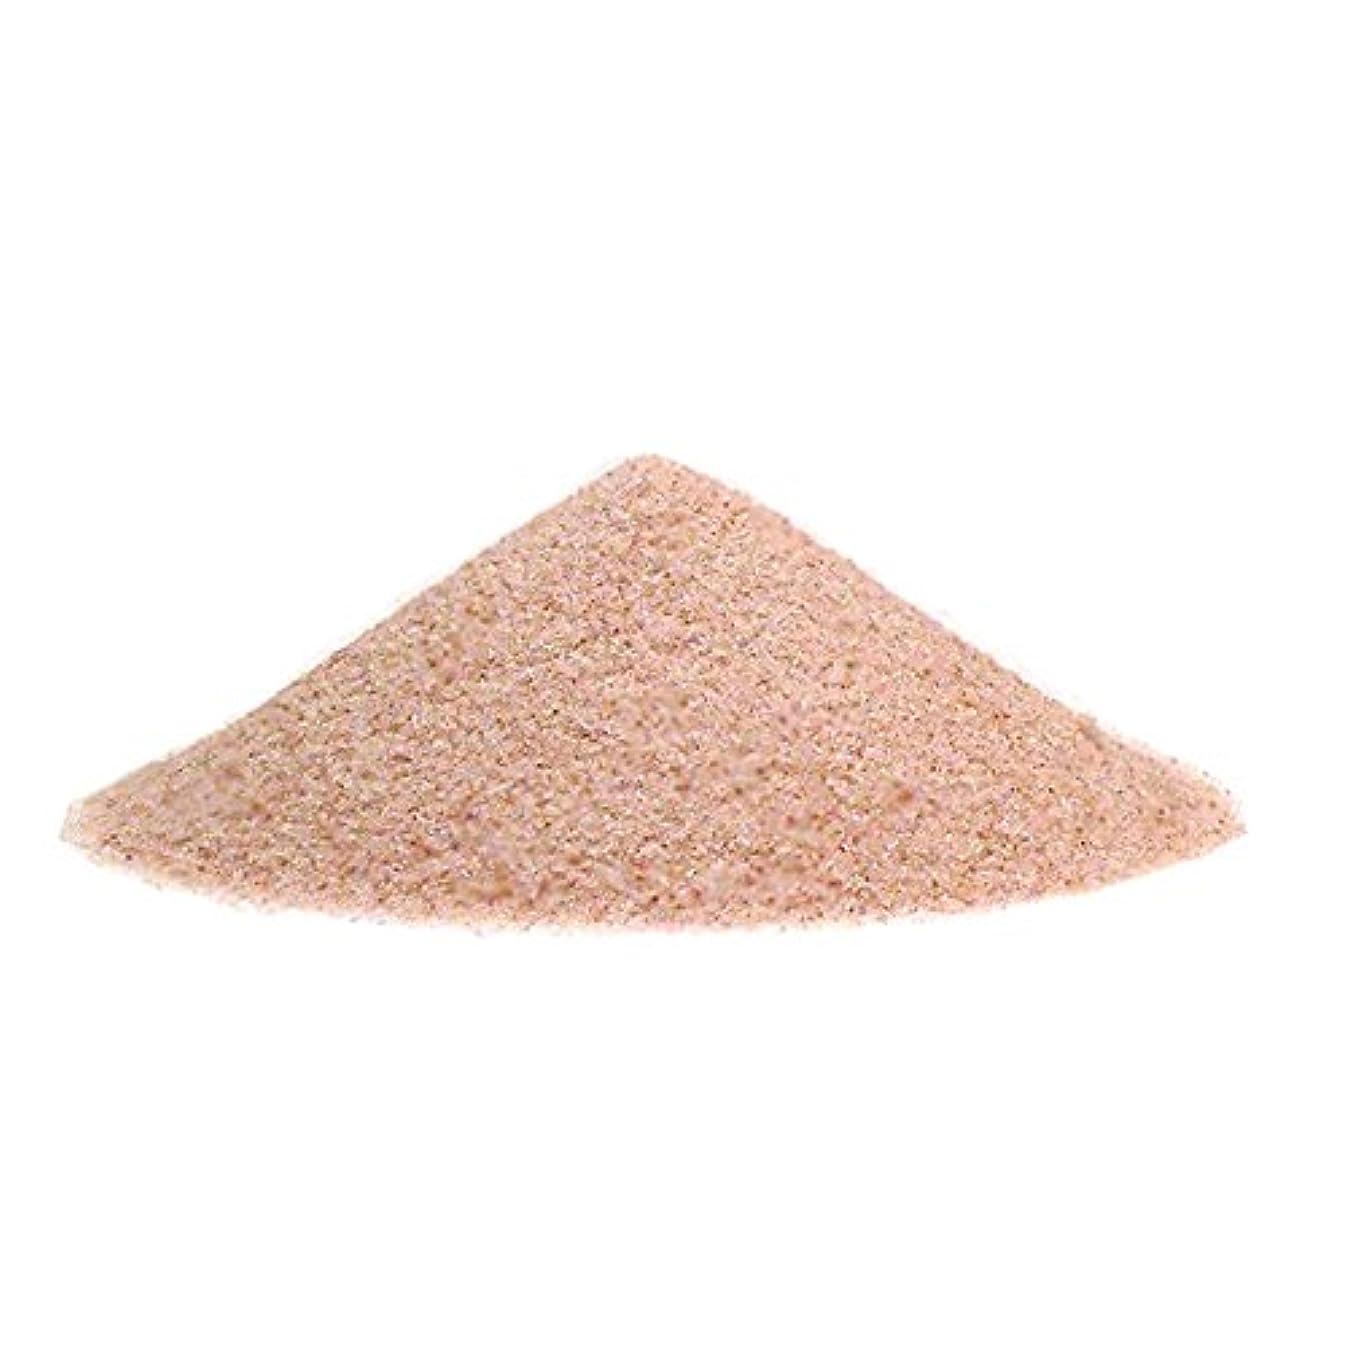 感嘆カカドゥ飢えたヒマラヤ岩塩 ピンクソルト 入浴用 バスソルト(微粒パウダー)2kg ピンク岩塩